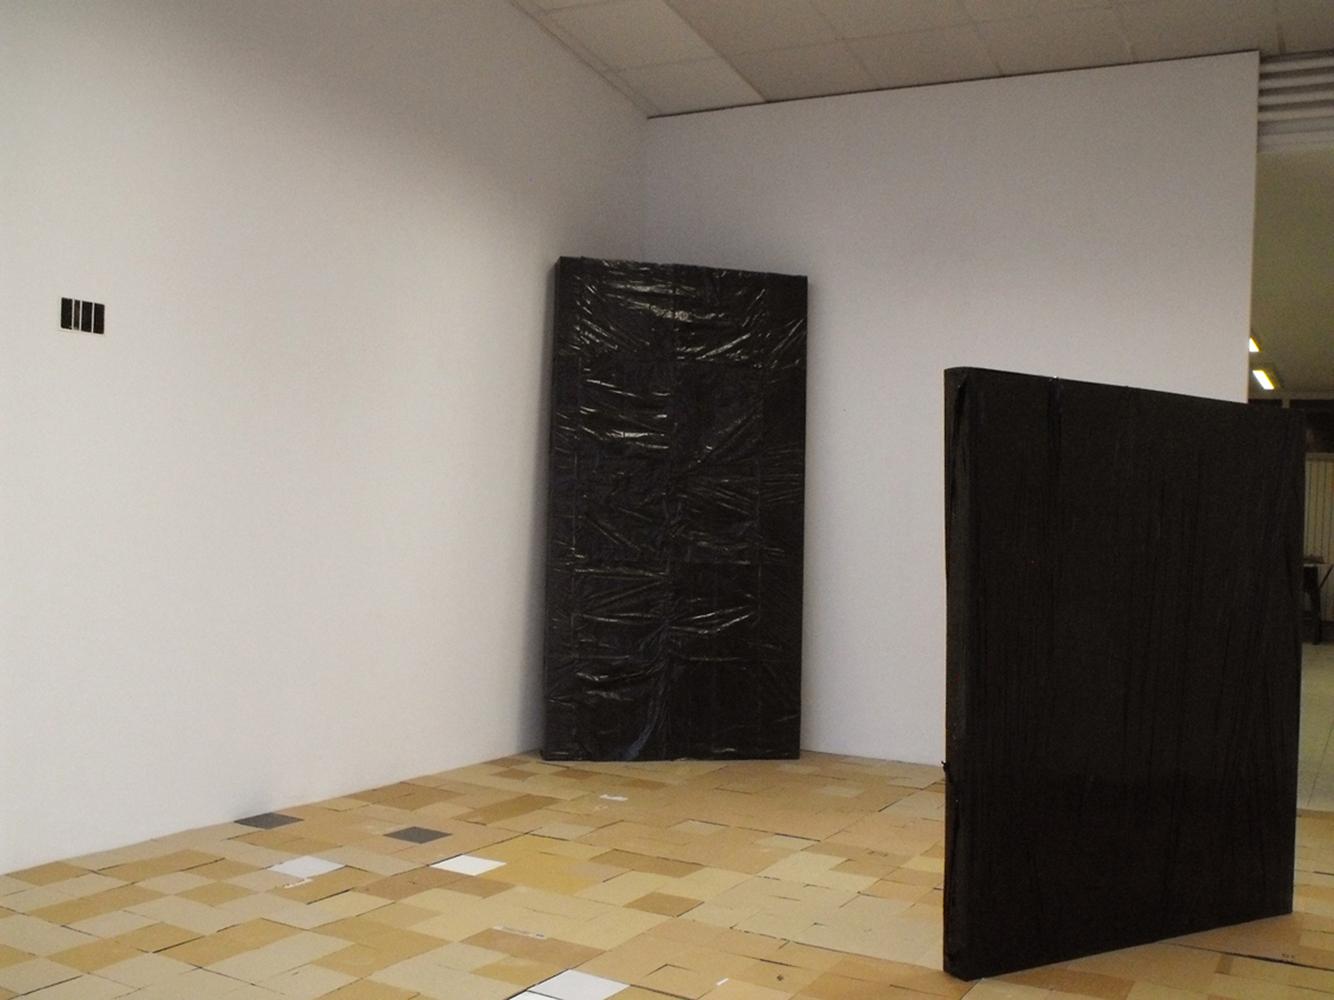 Idylle(s) et Latitudes, at les Ateliers, 2014